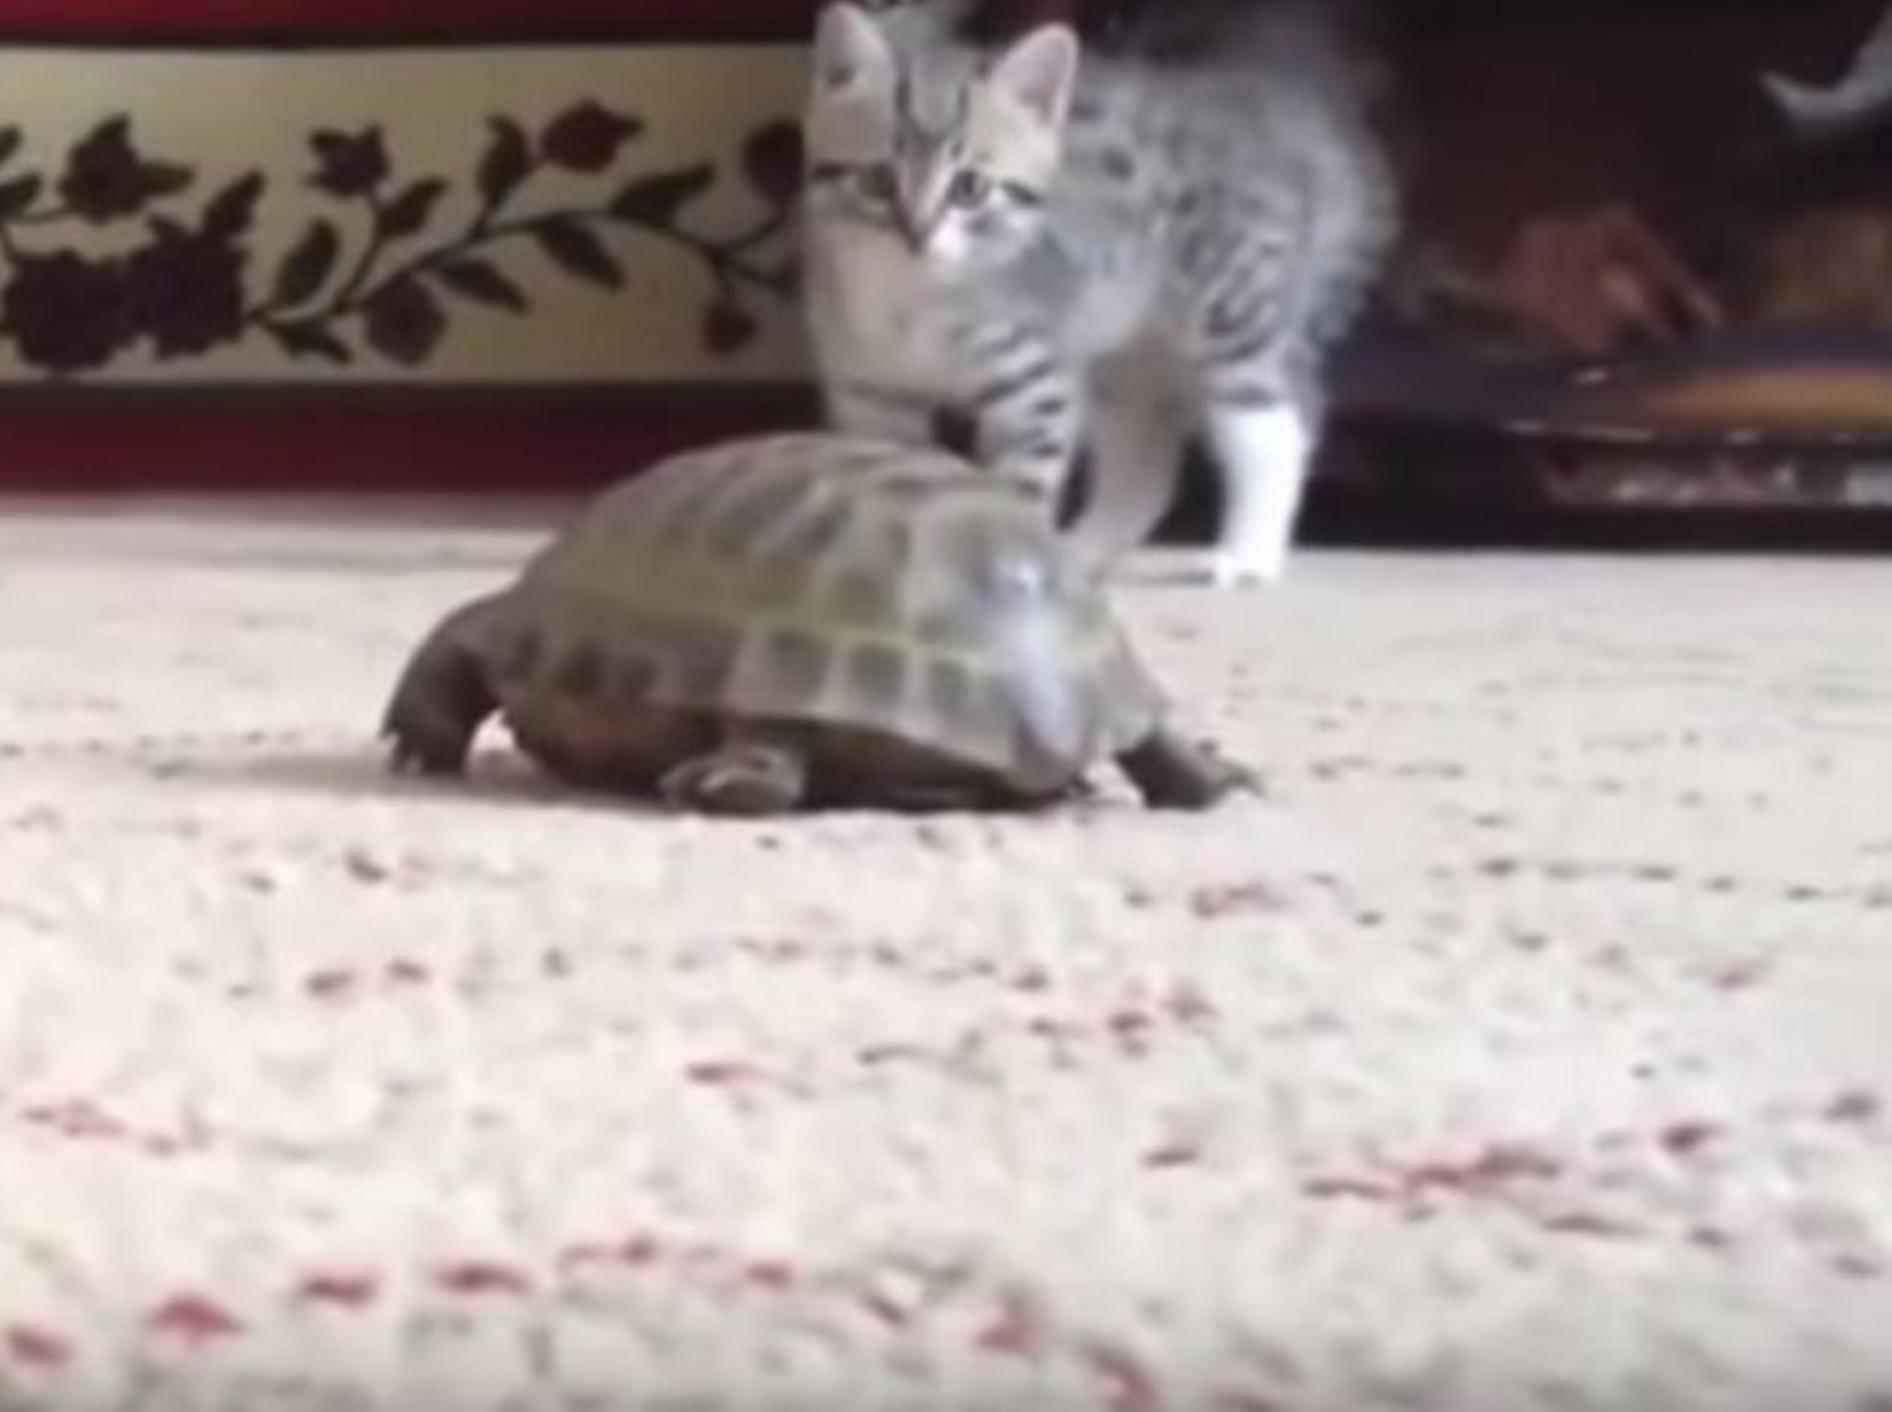 Dieses kleine Kätzchen trifft vermutlich das erste Mal auf eine Schildkröte - Bild: YouTube / Awwtastic